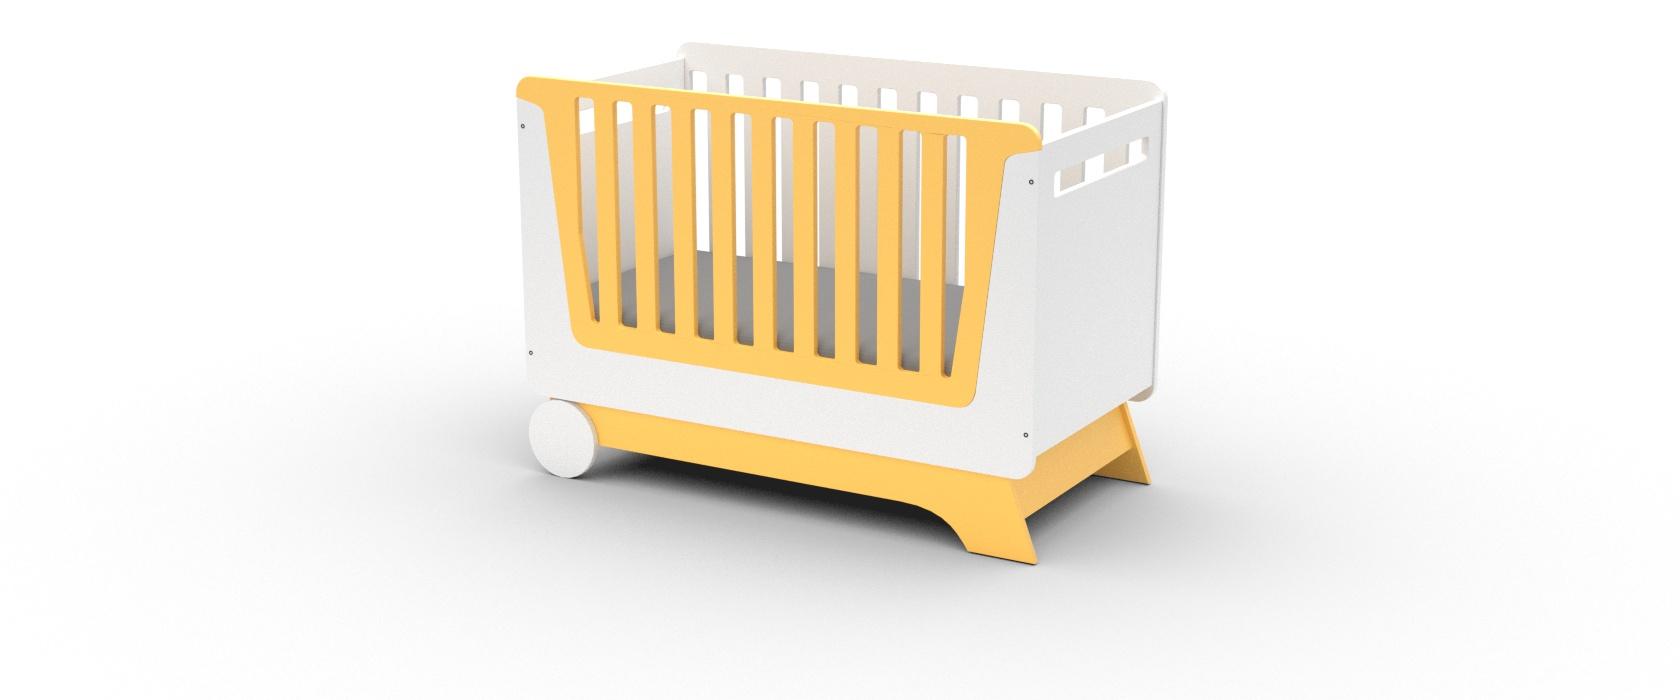 Ліжко дитяче Nova Kit Roll